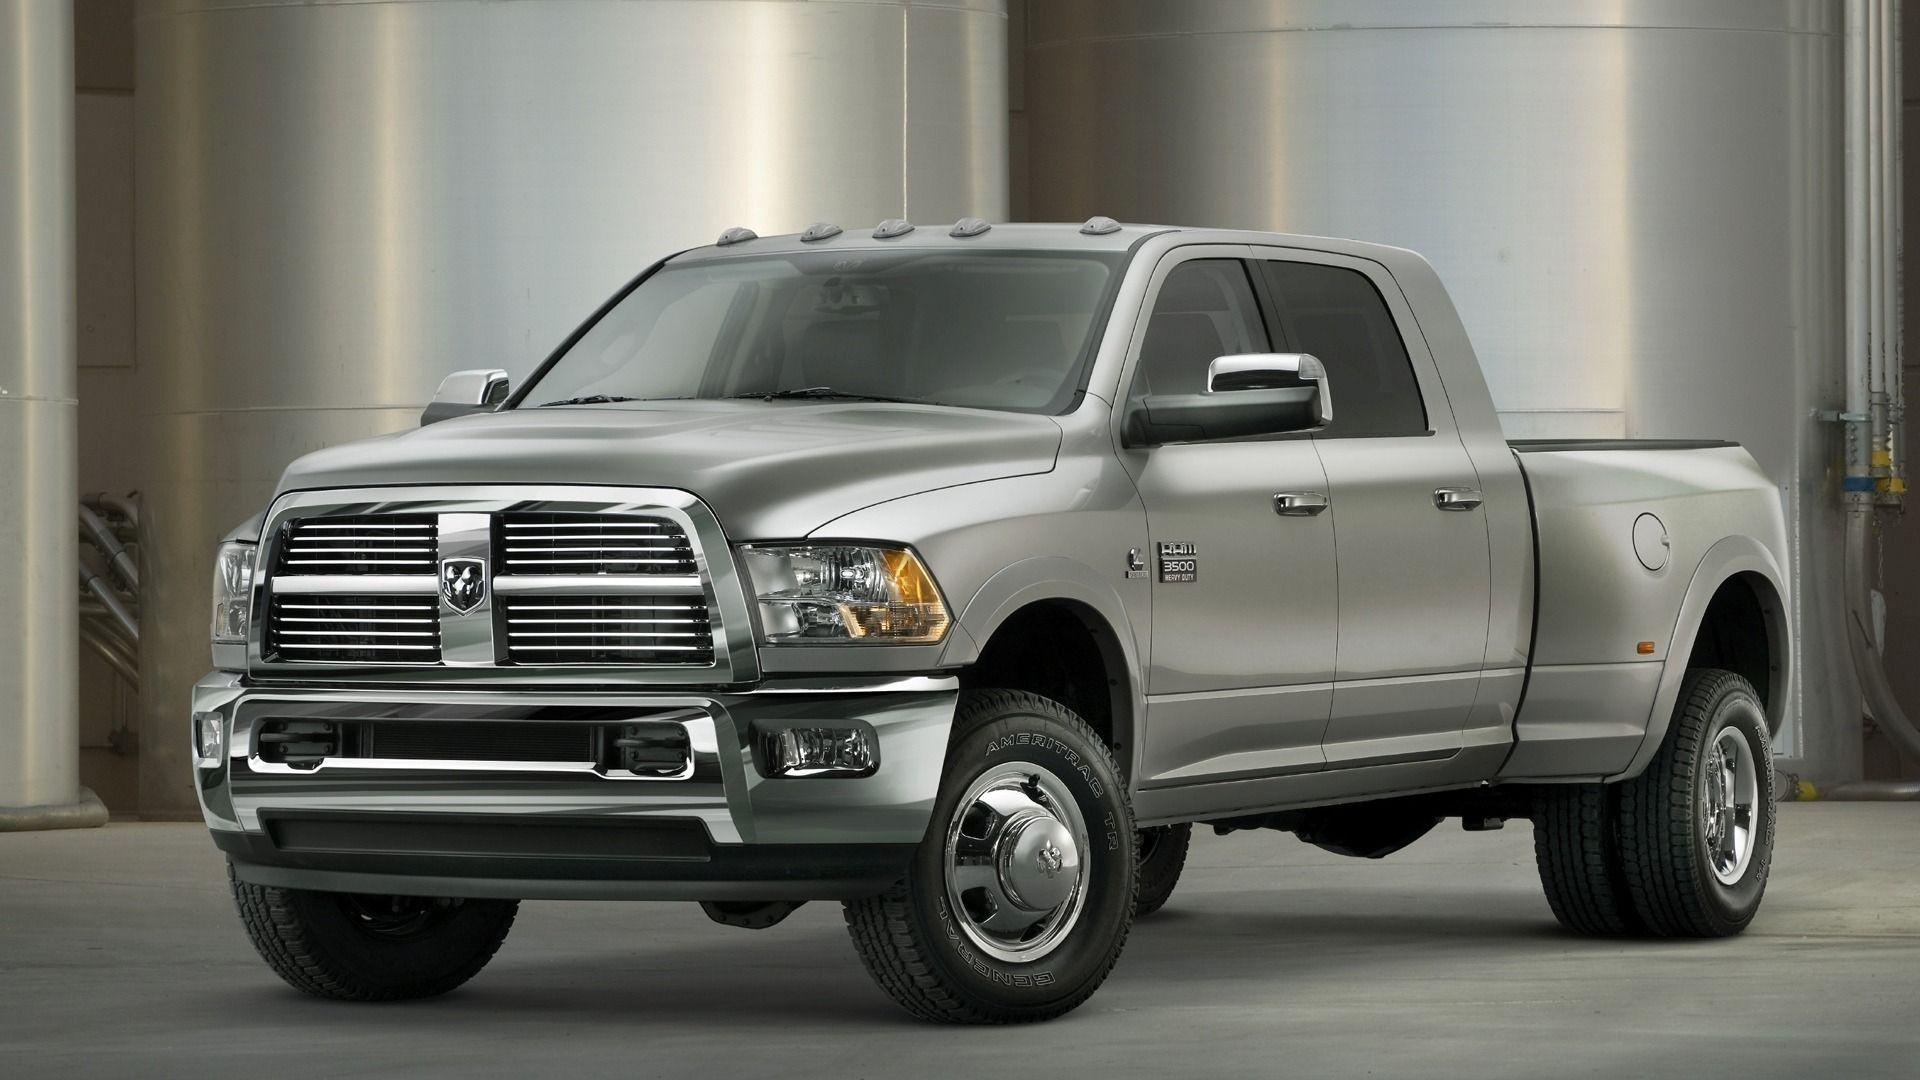 Dodge Ram Truck Dodge Ram 3500 Dodge Ram Dodge Trucks Ram